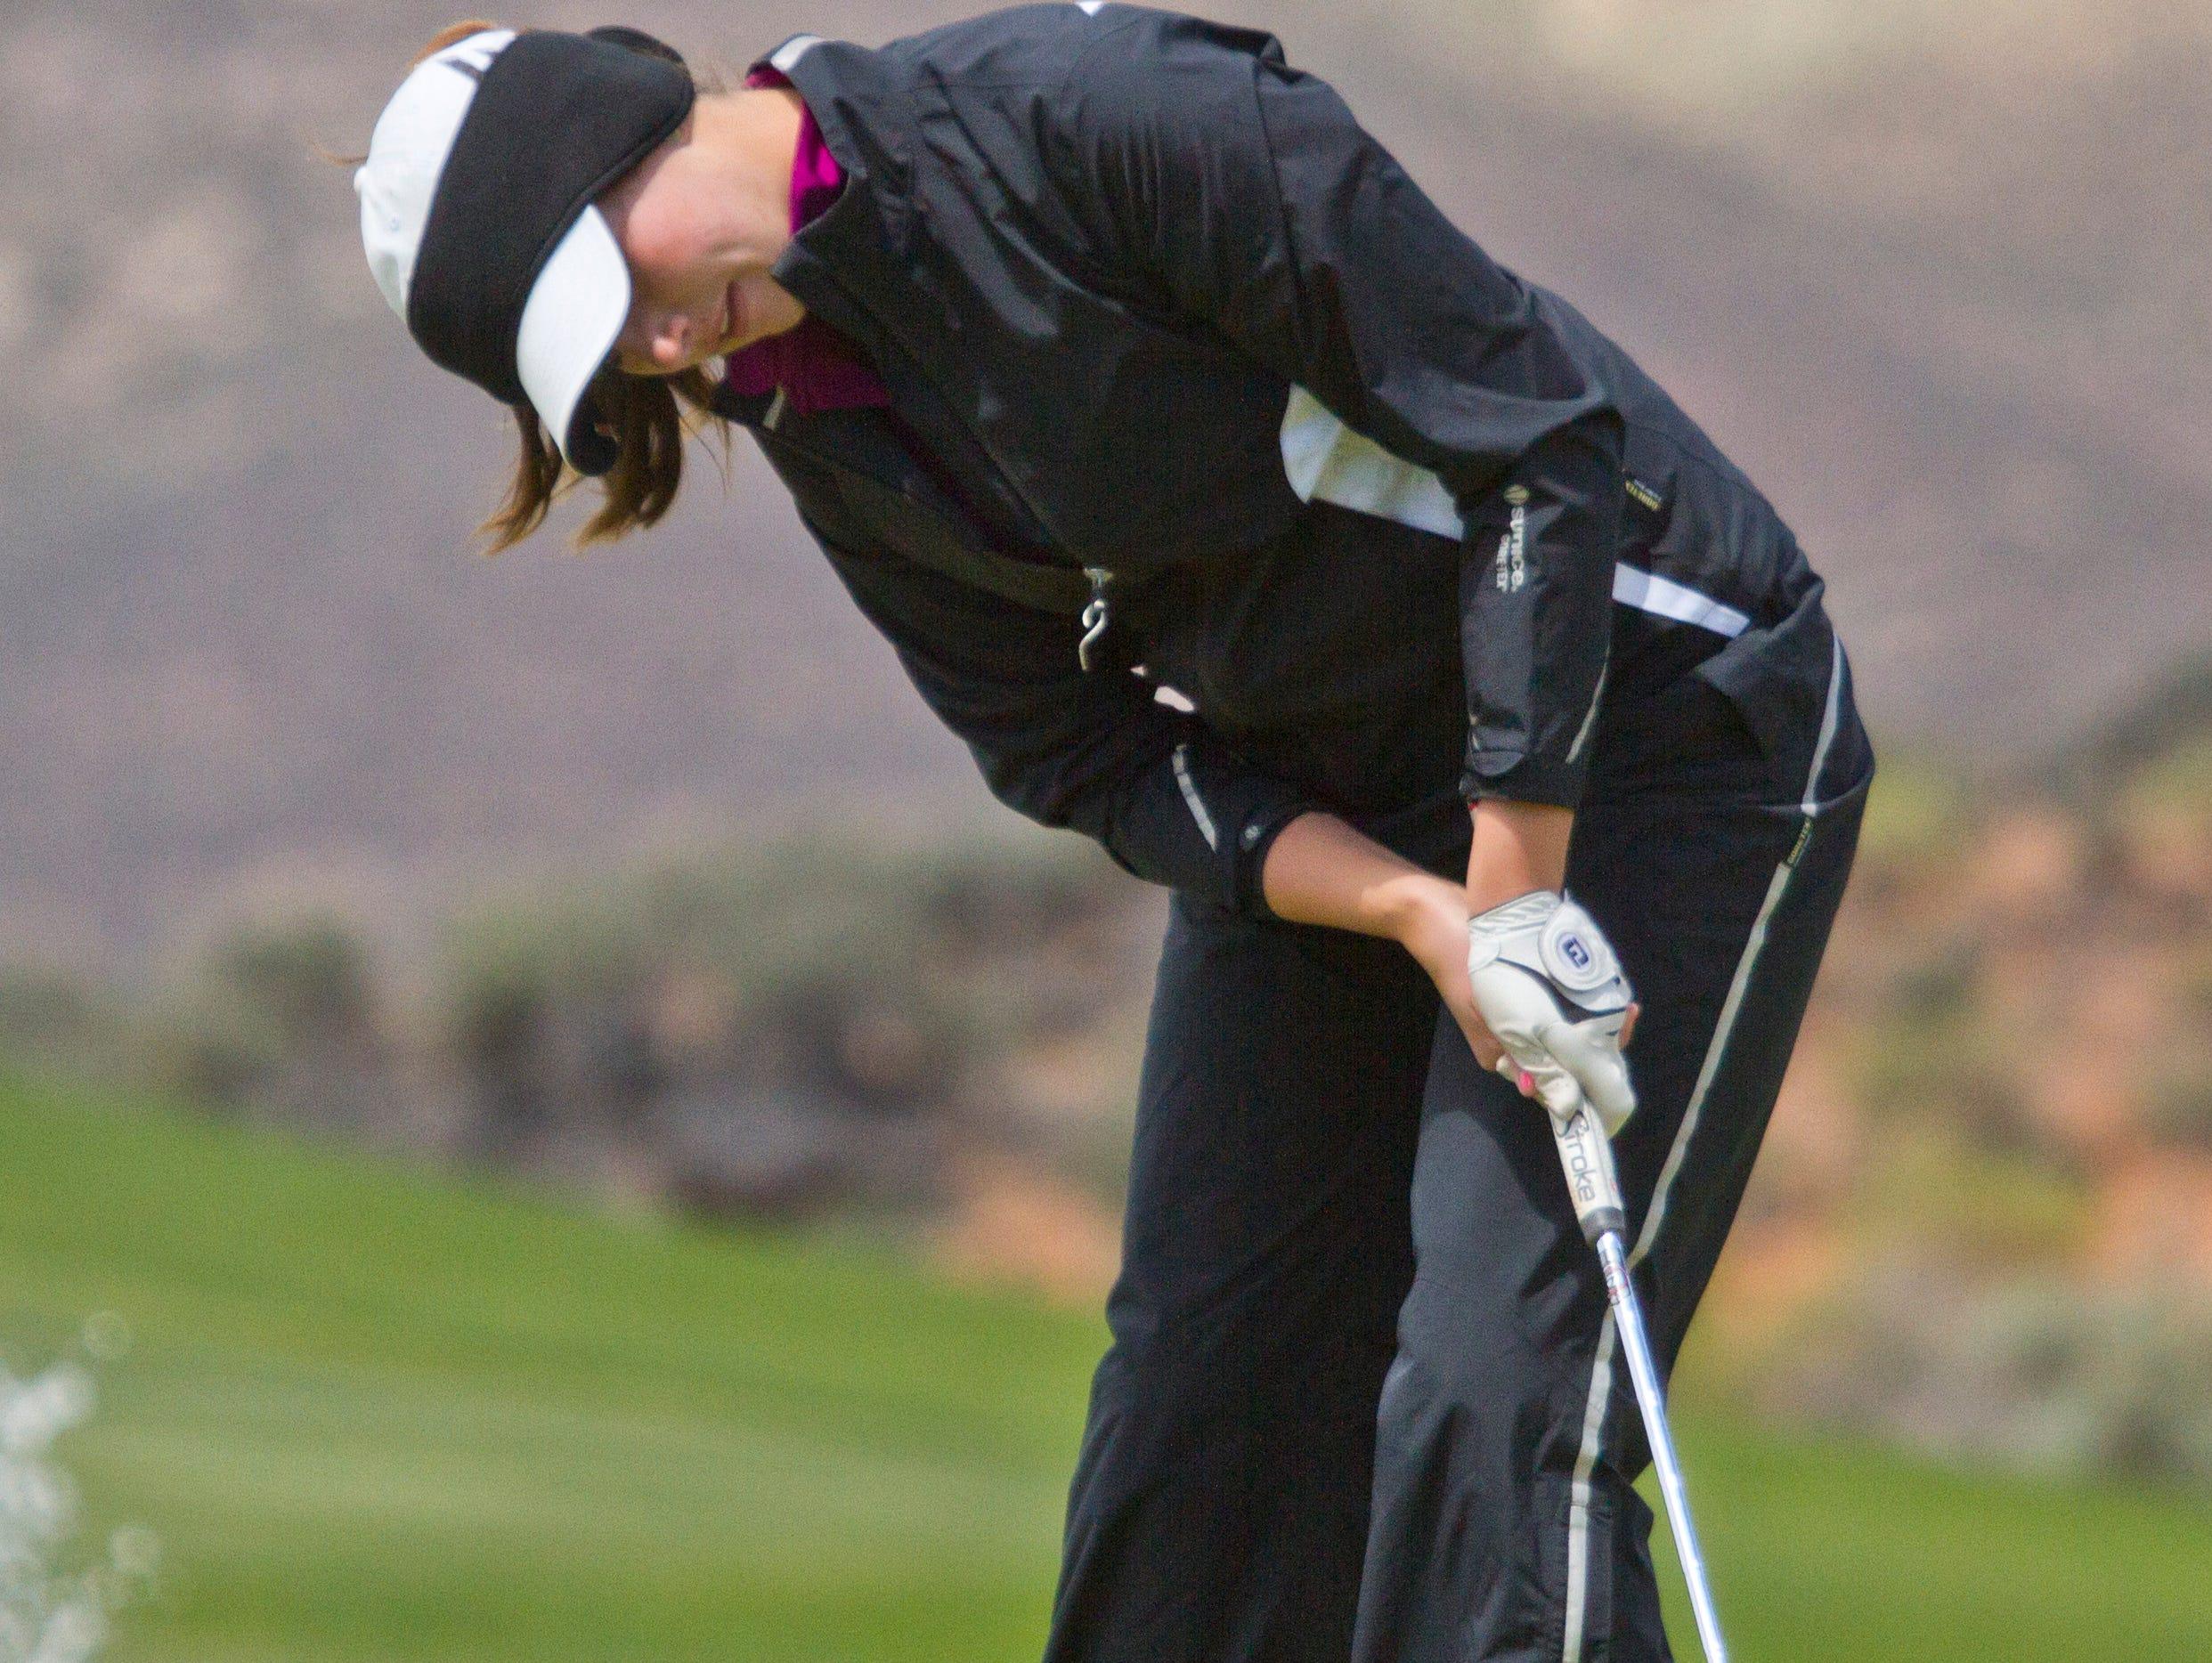 Desert Hills golfer Katie Perkins goes for a long putt Thursday at Sky Mountain.